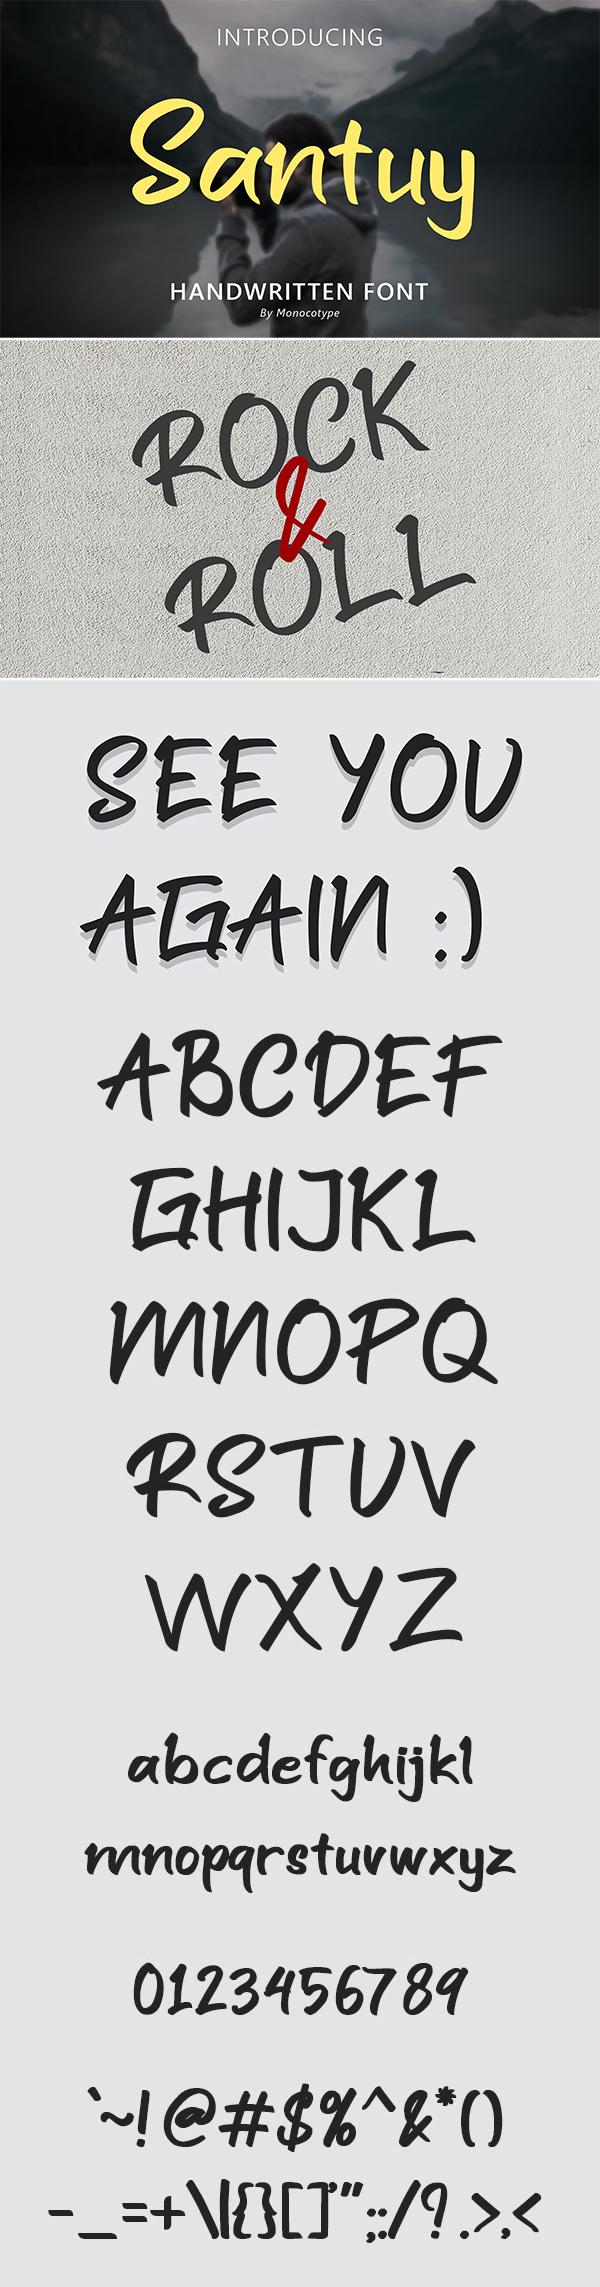 Santuy Handwritten Font